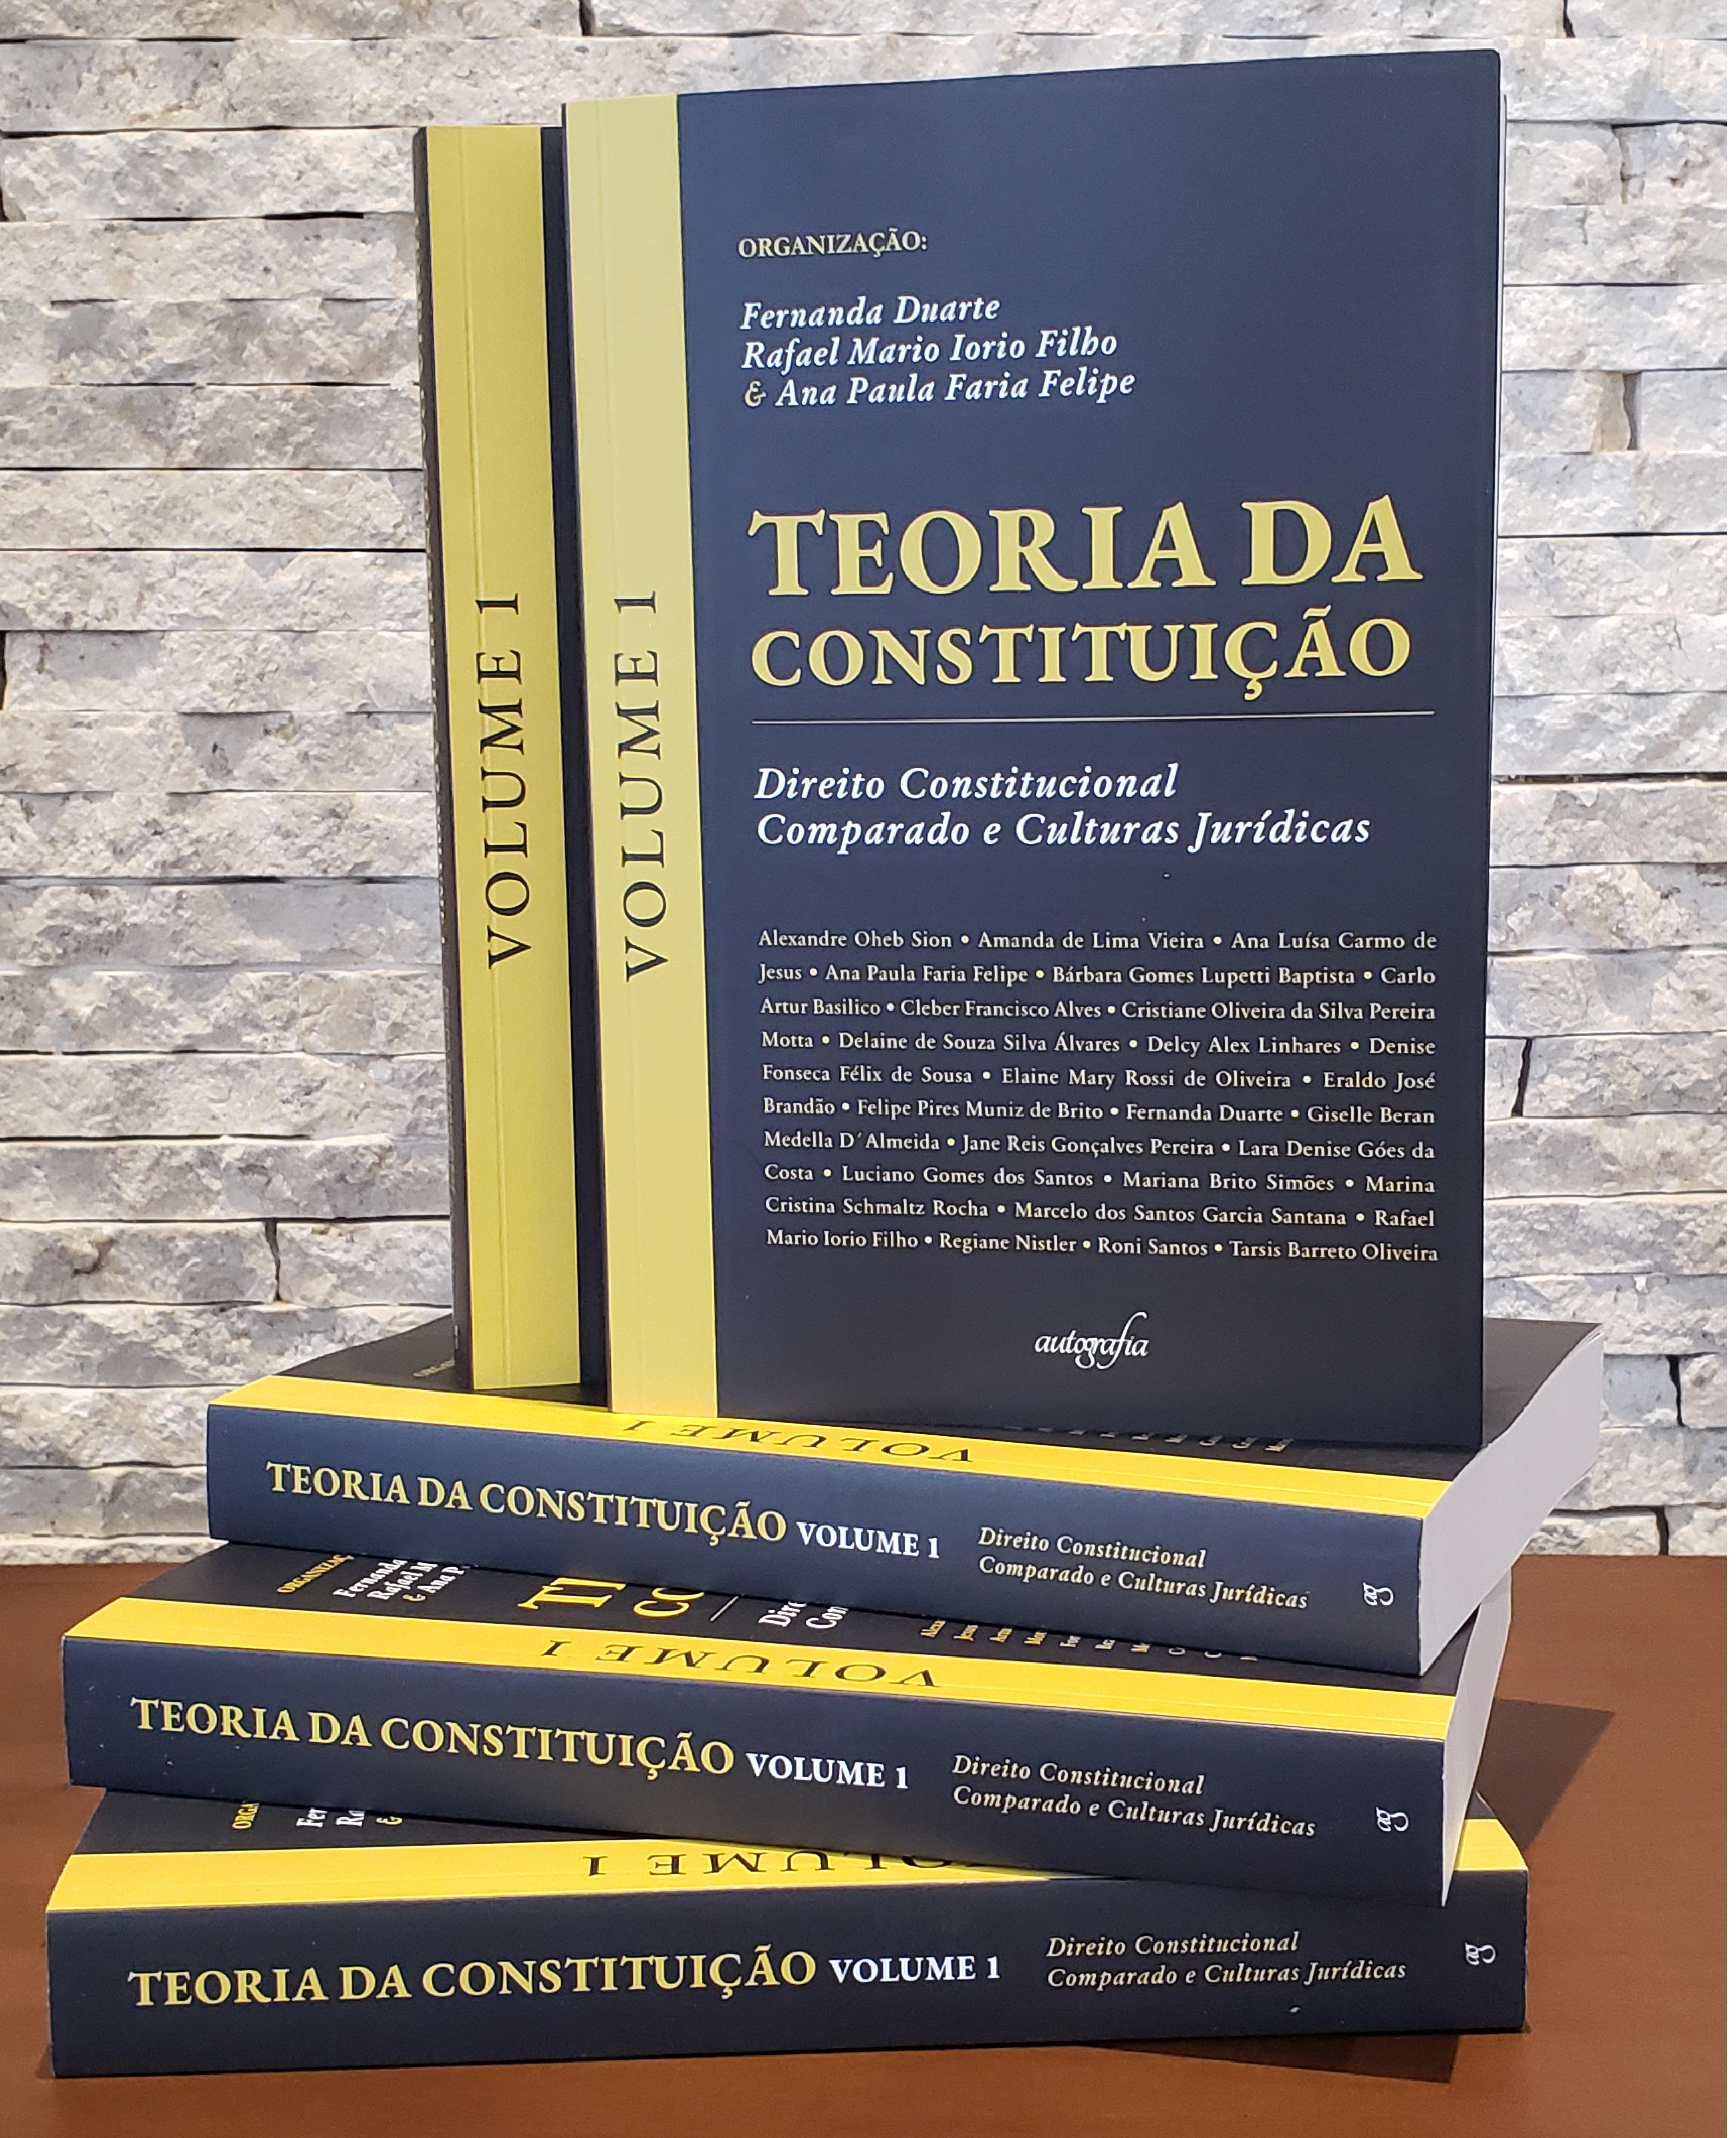 Teoria da Constituição – Direito Constitucional Comparado e Culturas Jurídicas